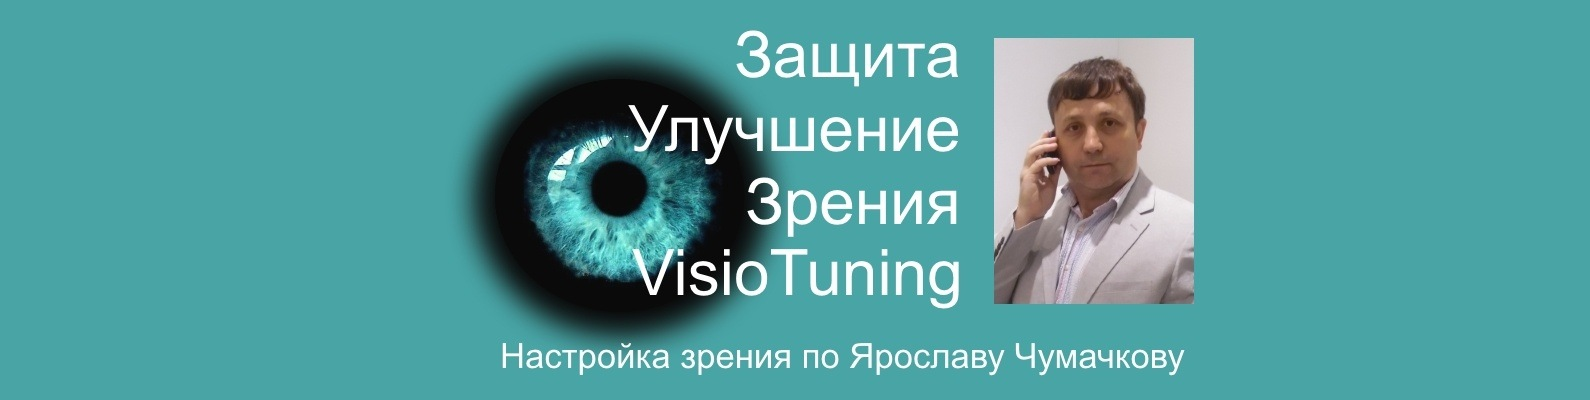 Главная причина близорукости. VisioTuning - настройка зрения